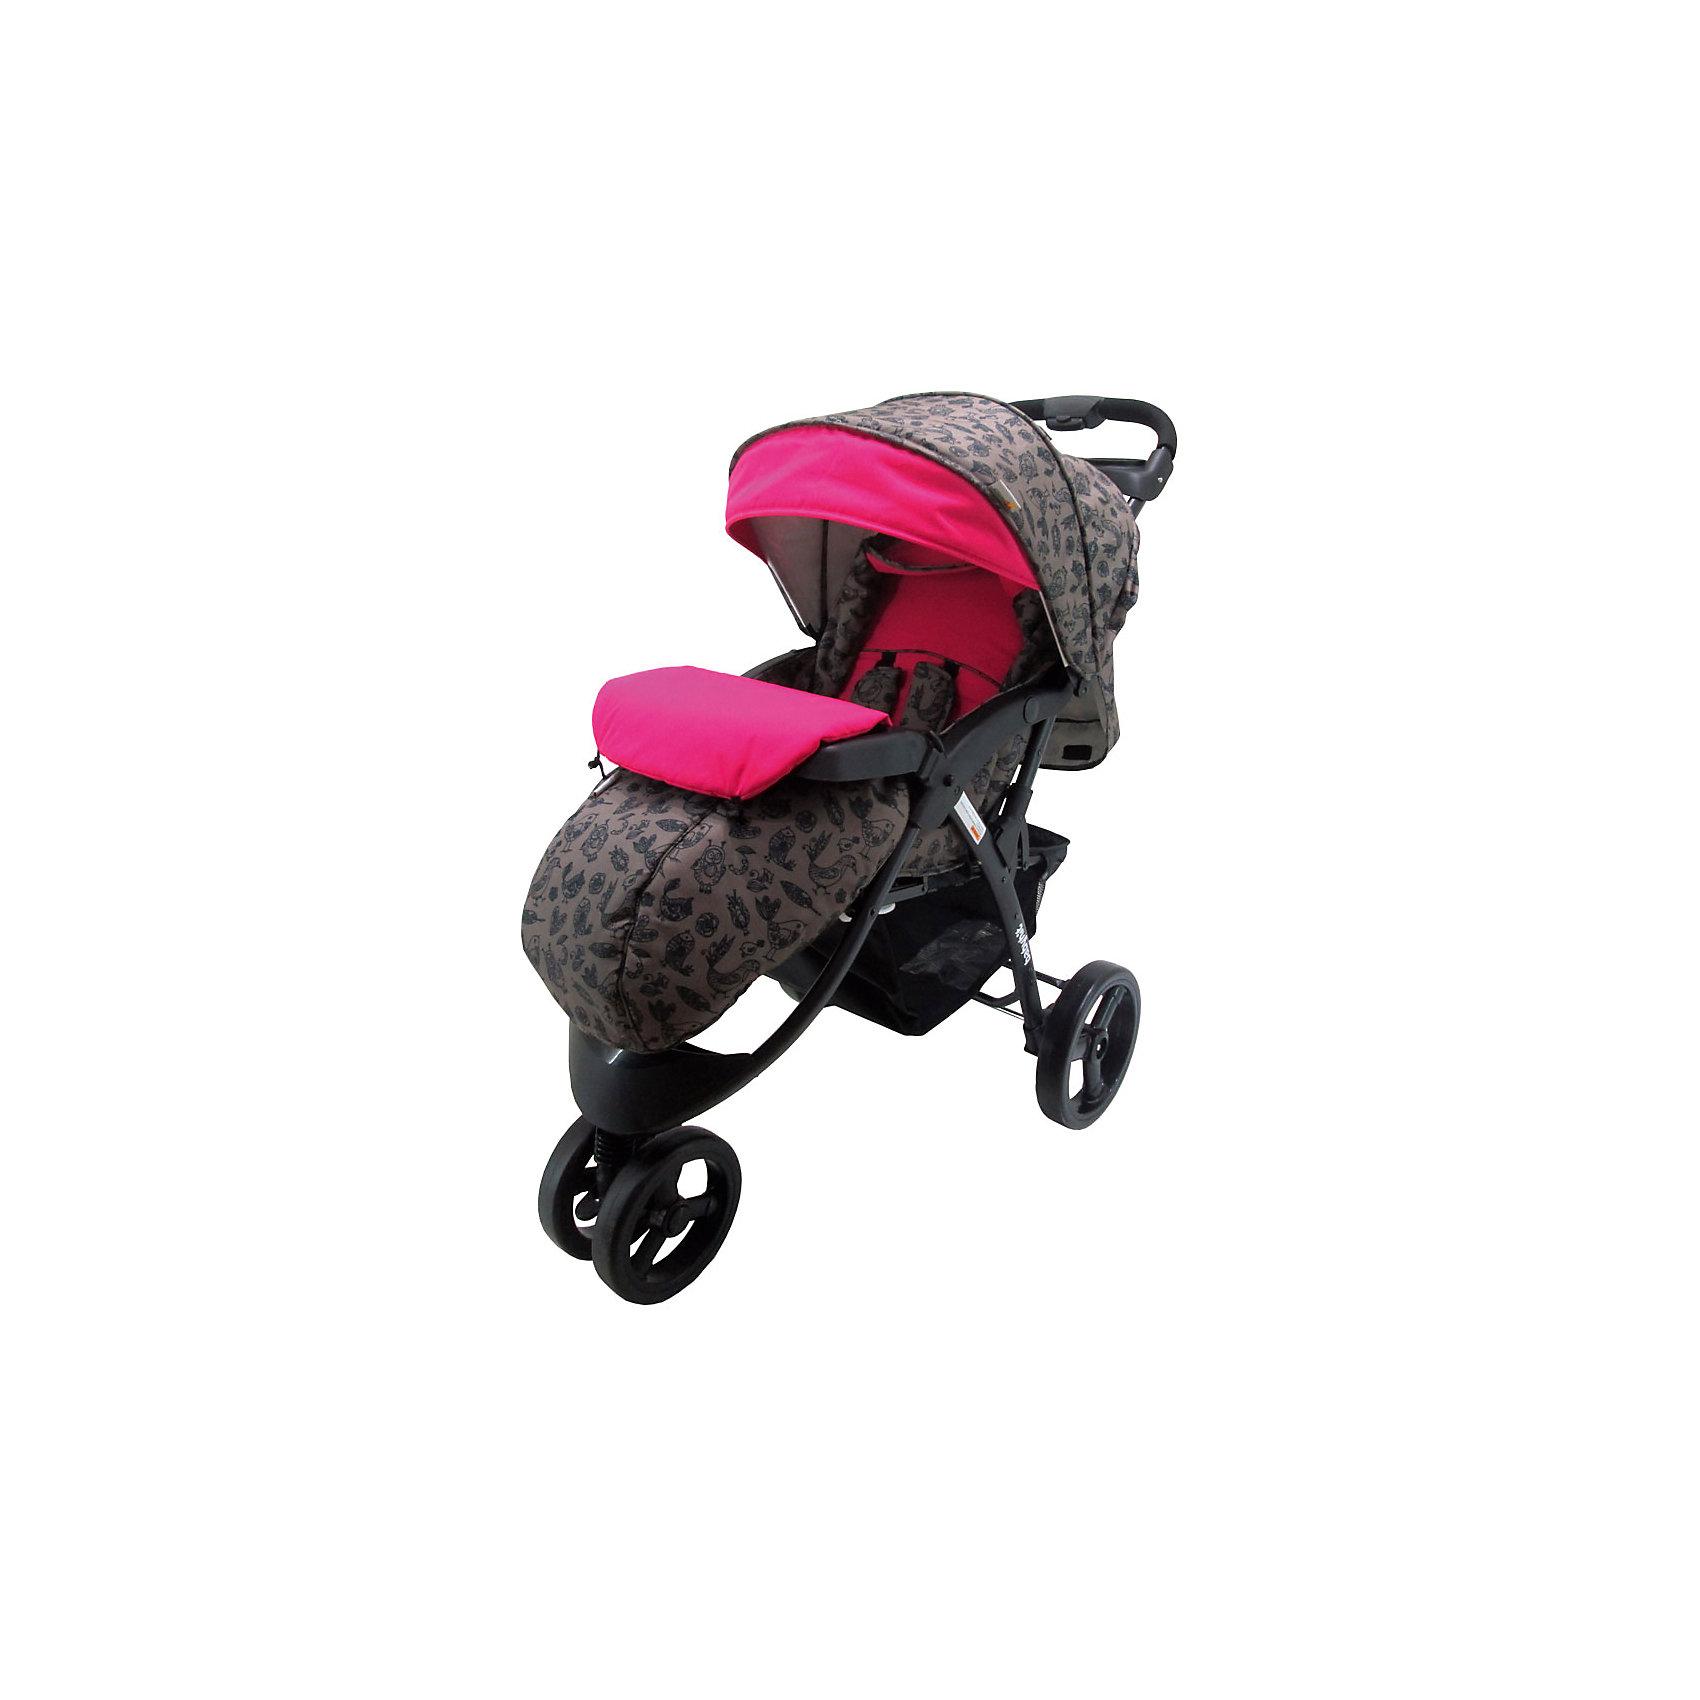 Прогулочная коляска Voyage, BIRDS, Baby Hit, розовыйПрогулочная коляска Voyage, Baby Hit (бэби хит) подходит для детей от 6 месяцев до 3 лет. Благодаря возможности наклона спинки до лежачего  положения, ваш ребенок сможет удобно расположиться в коляске и поспать. Для большего комфорта малыша у данной модели предусмотрены капюшон «батискаф», регулируемая подножка, съемный столик-поручень. Система амортизации на всех колесах.<br>Особенности и преимущества:<br>-капюшон-«батискаф»<br>-удобная корзина для покупок<br>-наклон спинки до лежачего положения<br>Размеры: 80x42x35 см<br>Вес: 11 кг<br>В комплекте: дождевик, москитная сетка, полог.<br>Прогулочную коляску Voyage можно приобрести в нашем интернет-магазине.<br><br>Ширина мм: 350<br>Глубина мм: 420<br>Высота мм: 800<br>Вес г: 14740<br>Возраст от месяцев: 6<br>Возраст до месяцев: 36<br>Пол: Унисекс<br>Возраст: Детский<br>SKU: 4881285